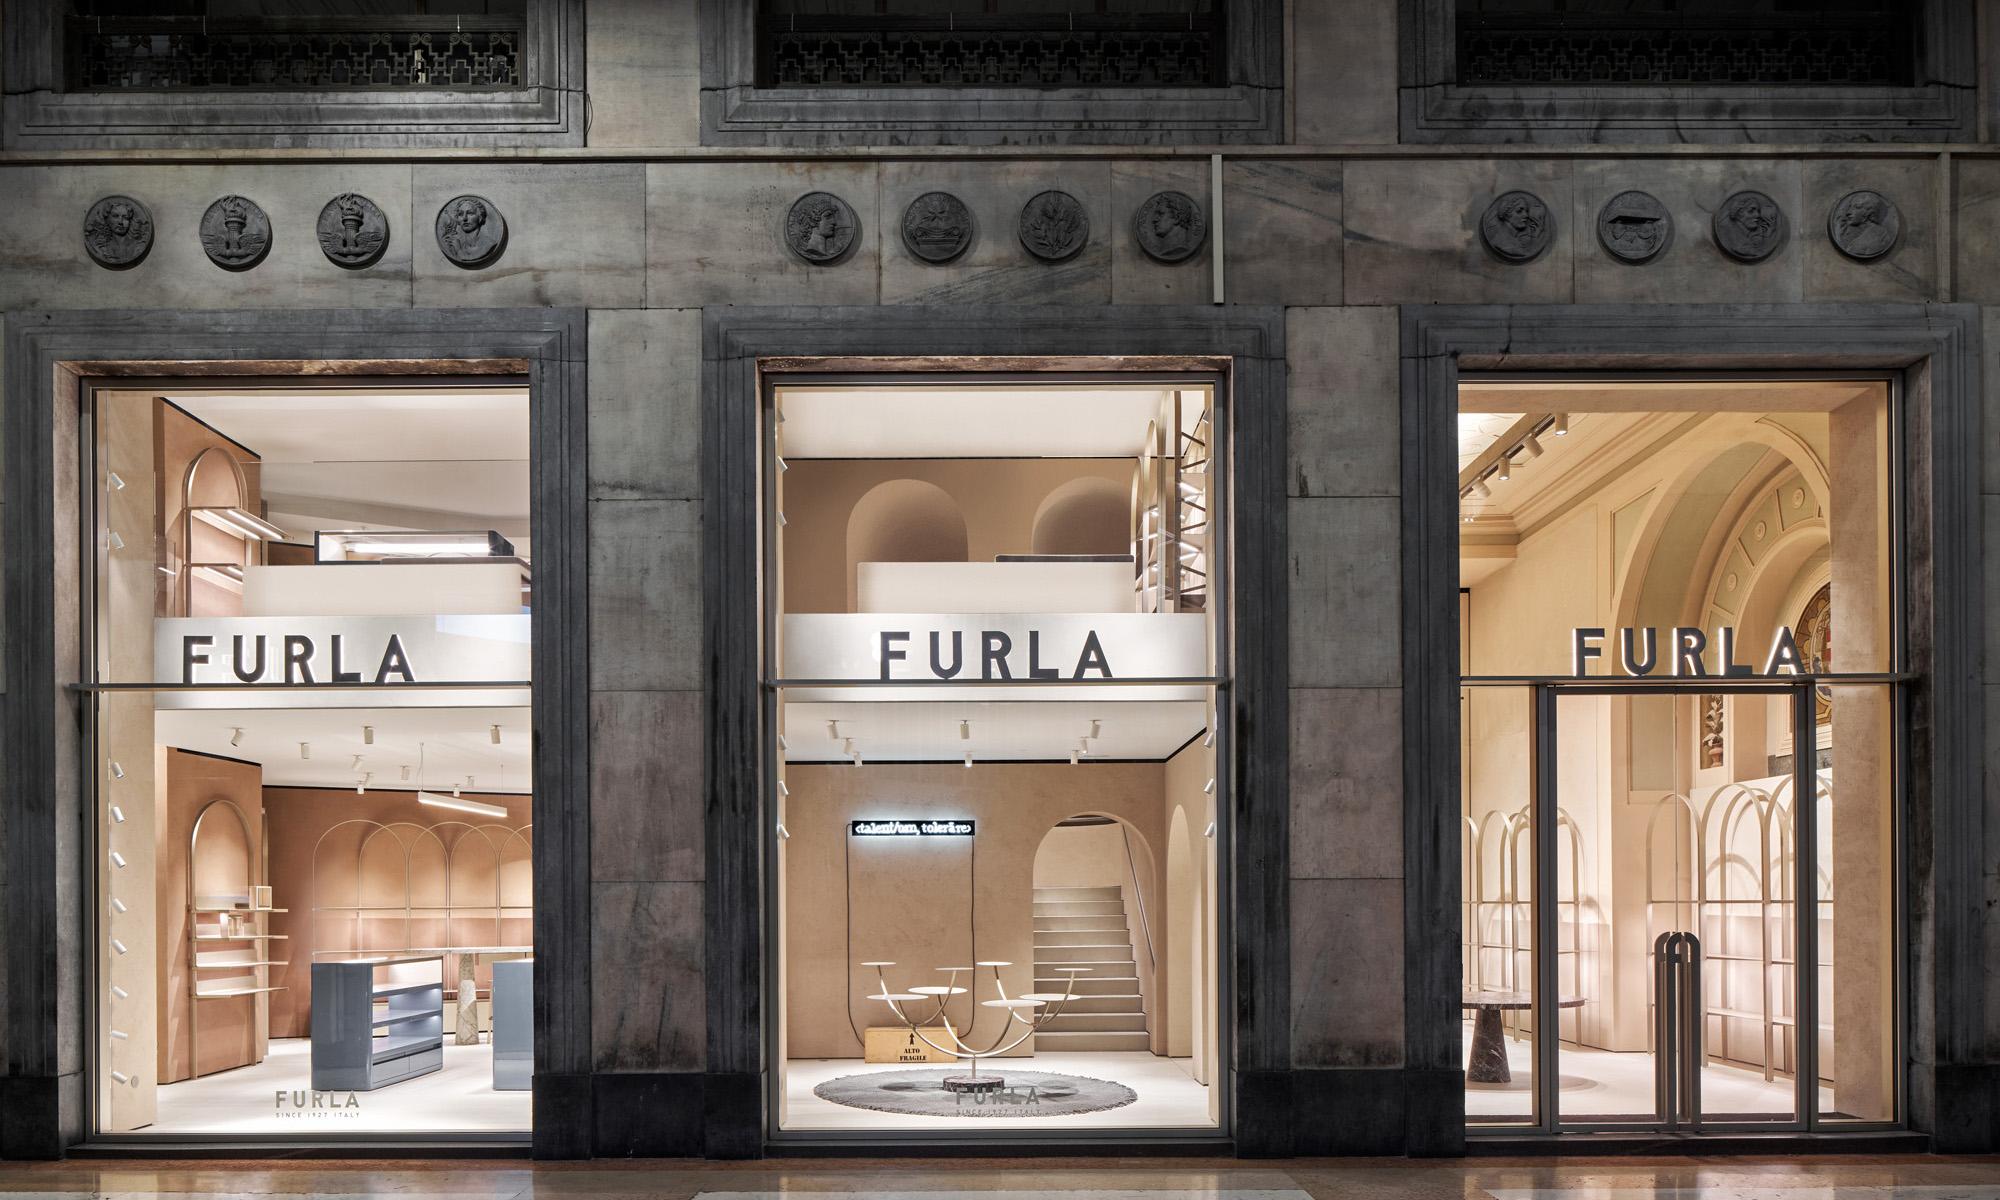 FURLA 米兰 Piazza Duomo 旗舰店焕新拓店重启开幕